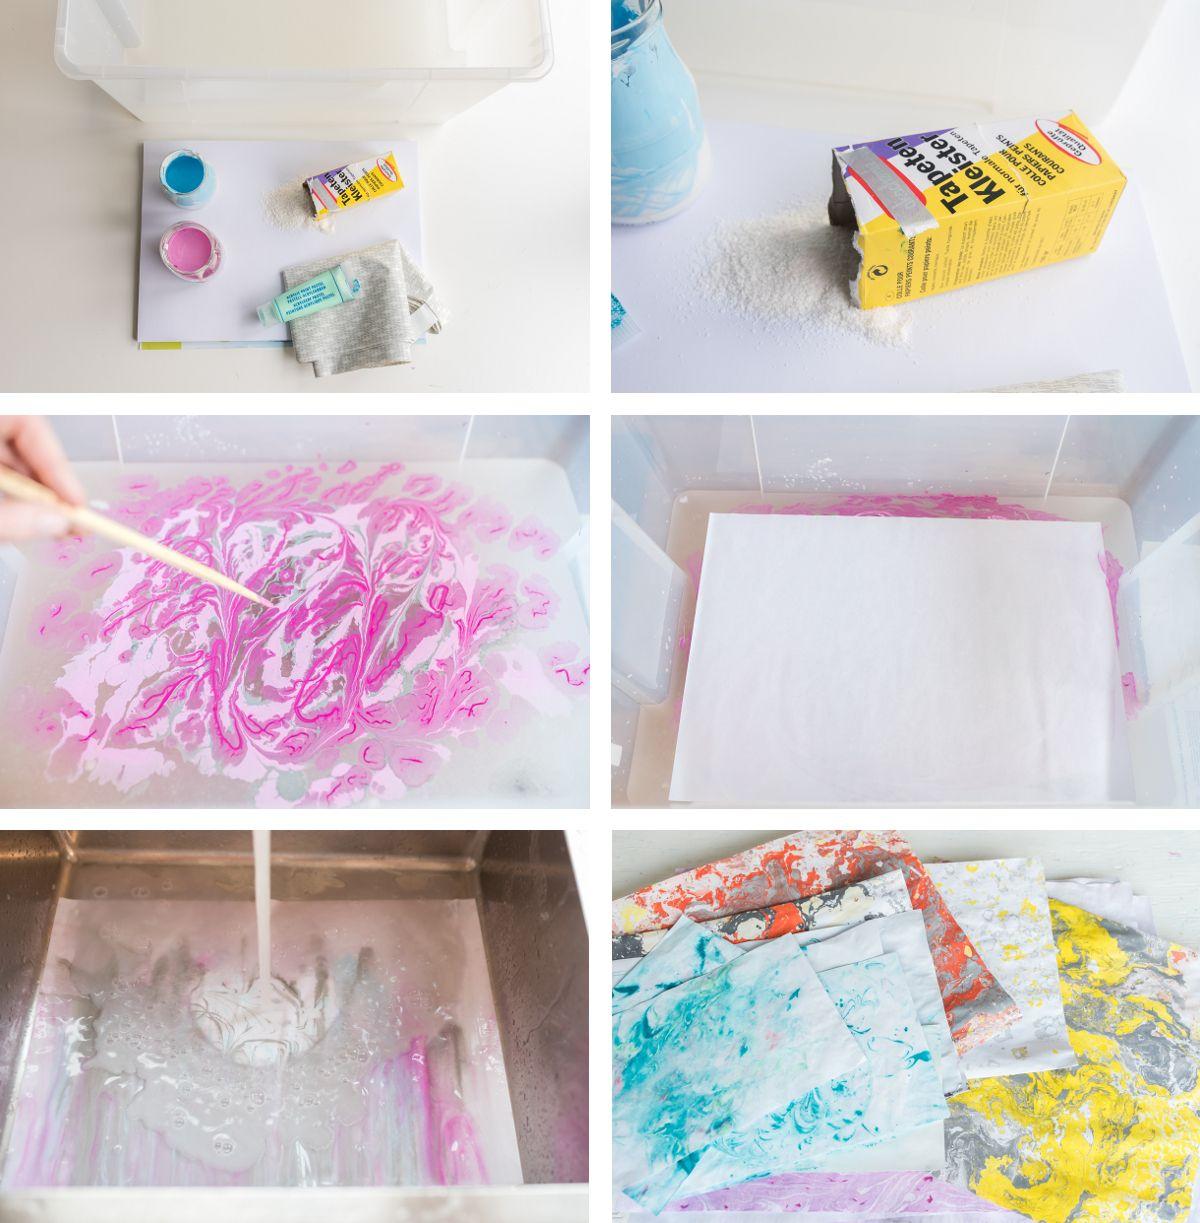 diy - papier marmorieren und deko für die wand | diy papier, Wohnzimmer dekoo